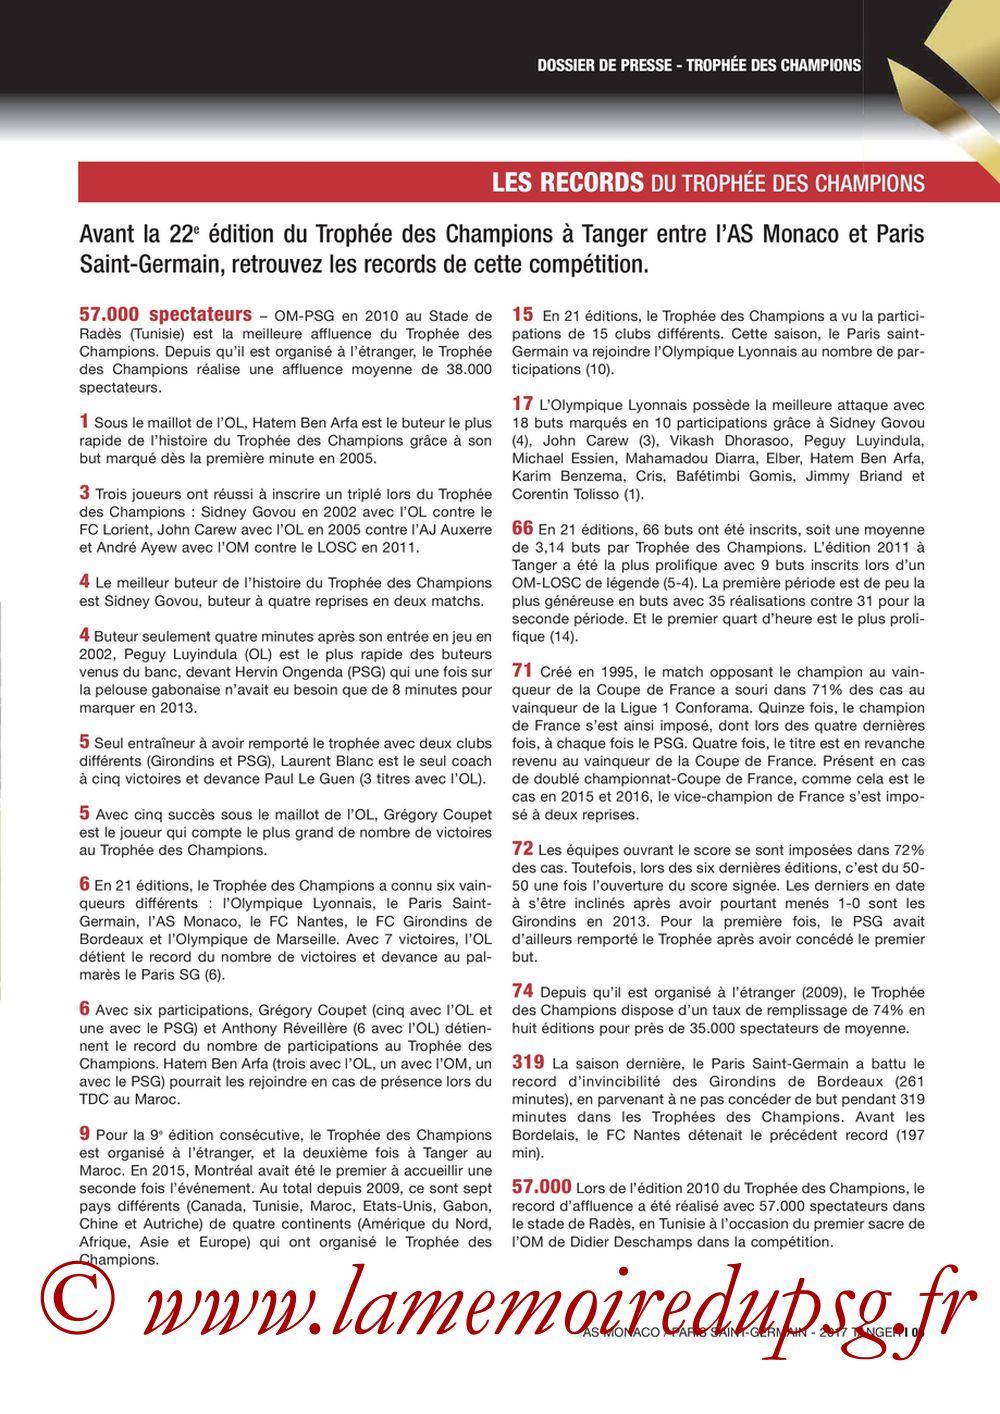 2017-07-29  Monaco-PSG (Trophée des Champions à Tanger, Dossier de Presse) - Page 05